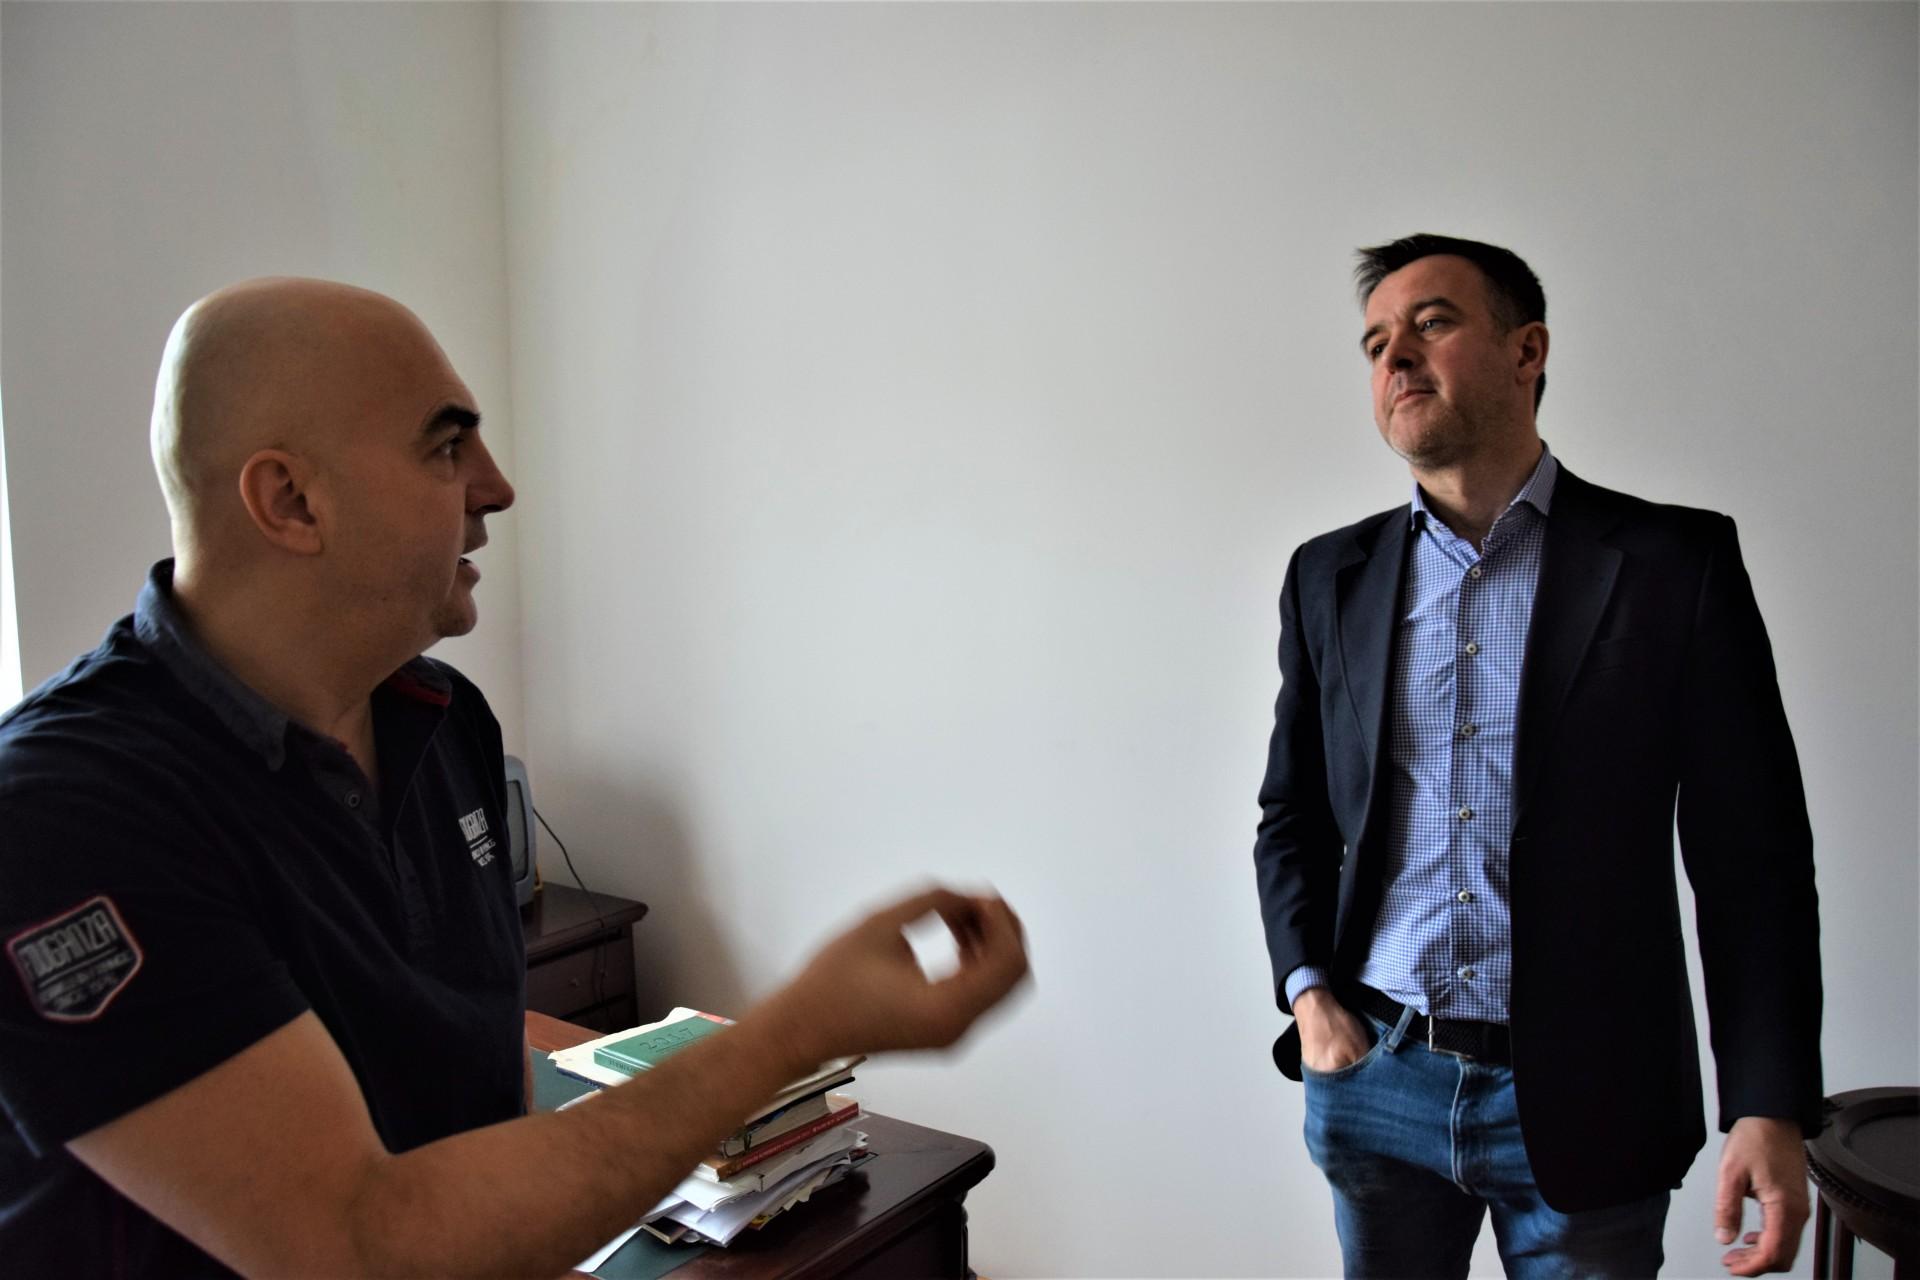 Prawomasz - blog o prawie, przepisach. Adwokat mówi ludzkim głosem 2